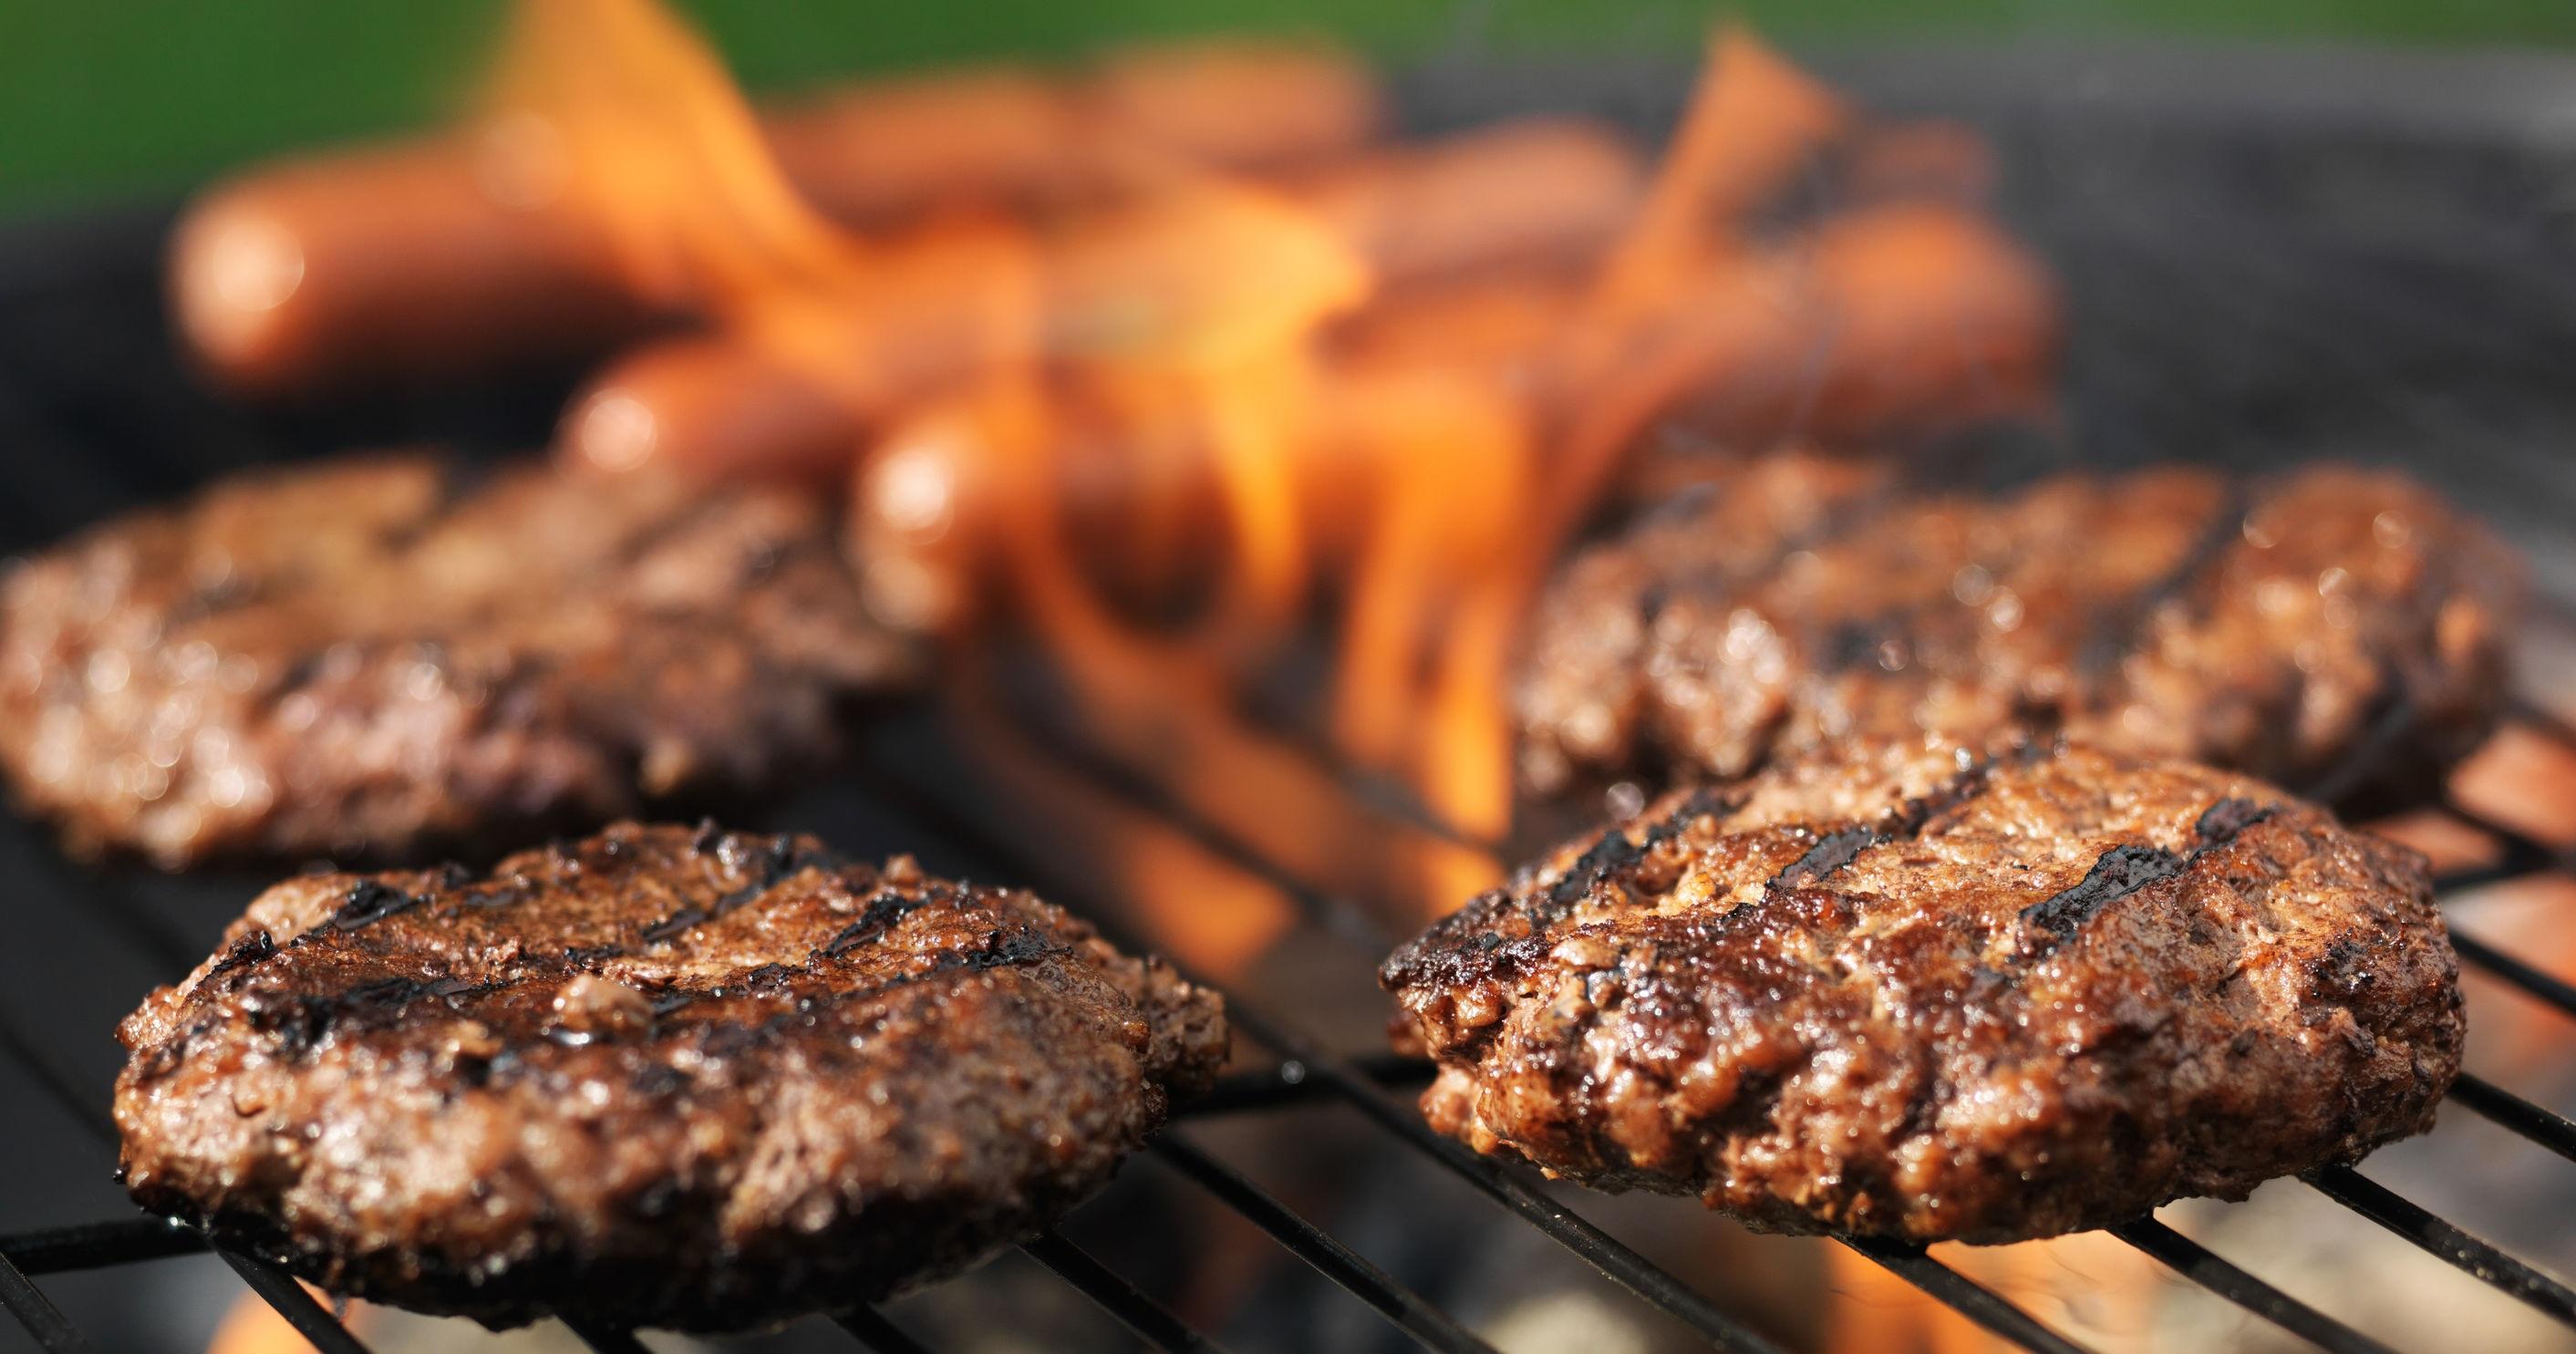 madraí te agus hamburgers cookout ar an grill